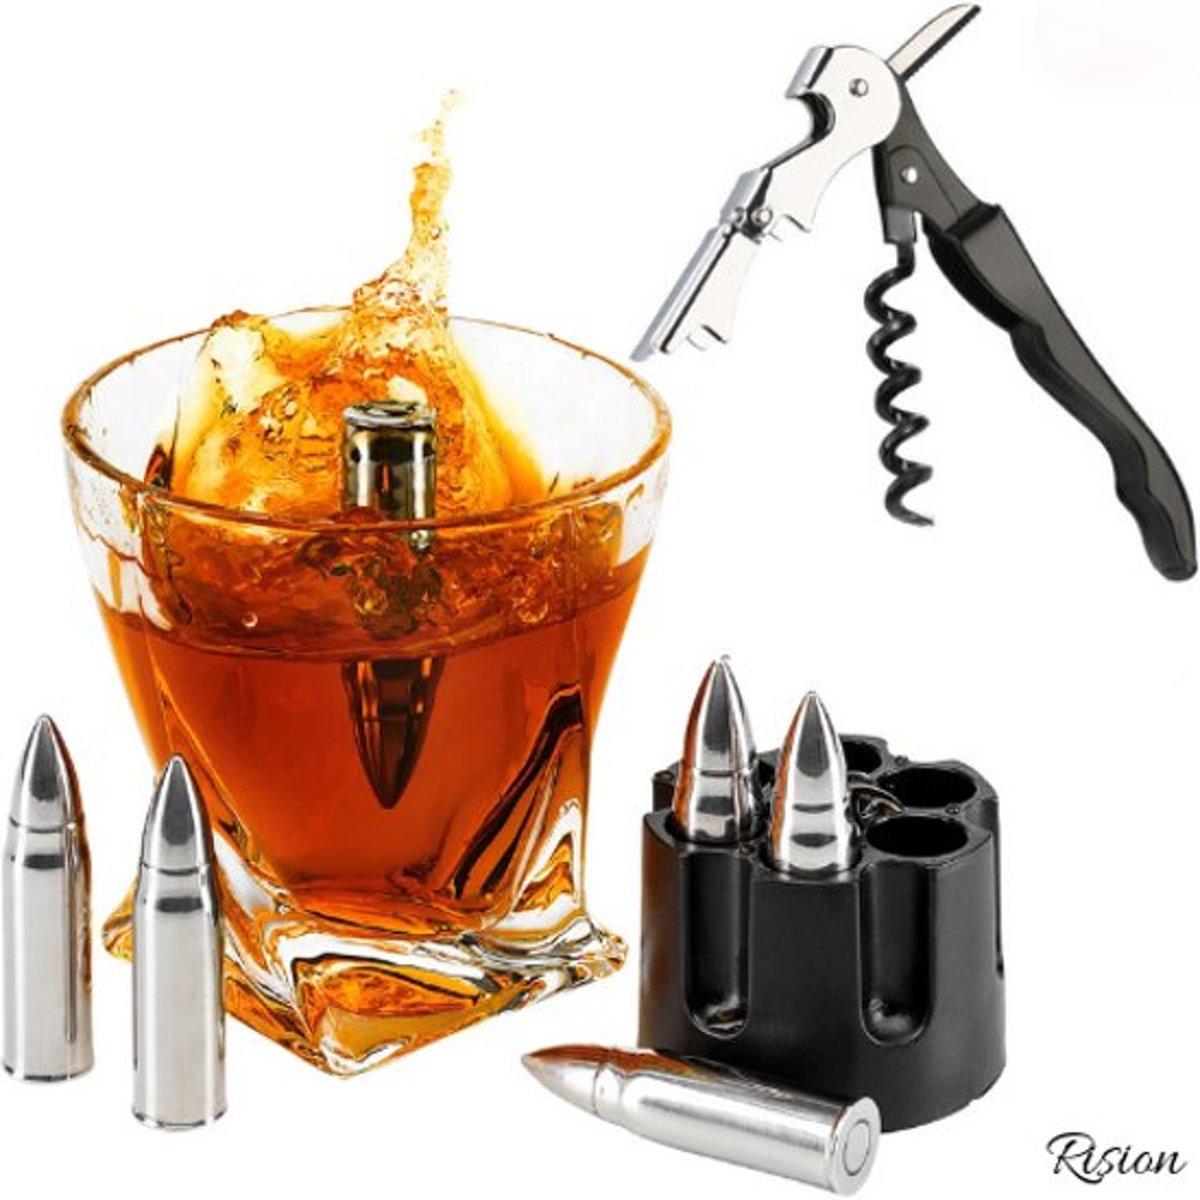 Whiskey stones - Whiskey bullets - Herbruikbare - Ijsblok vervanger - Premium Set (6stuks) - Kurkentrekker - 3 in 1 - kopen